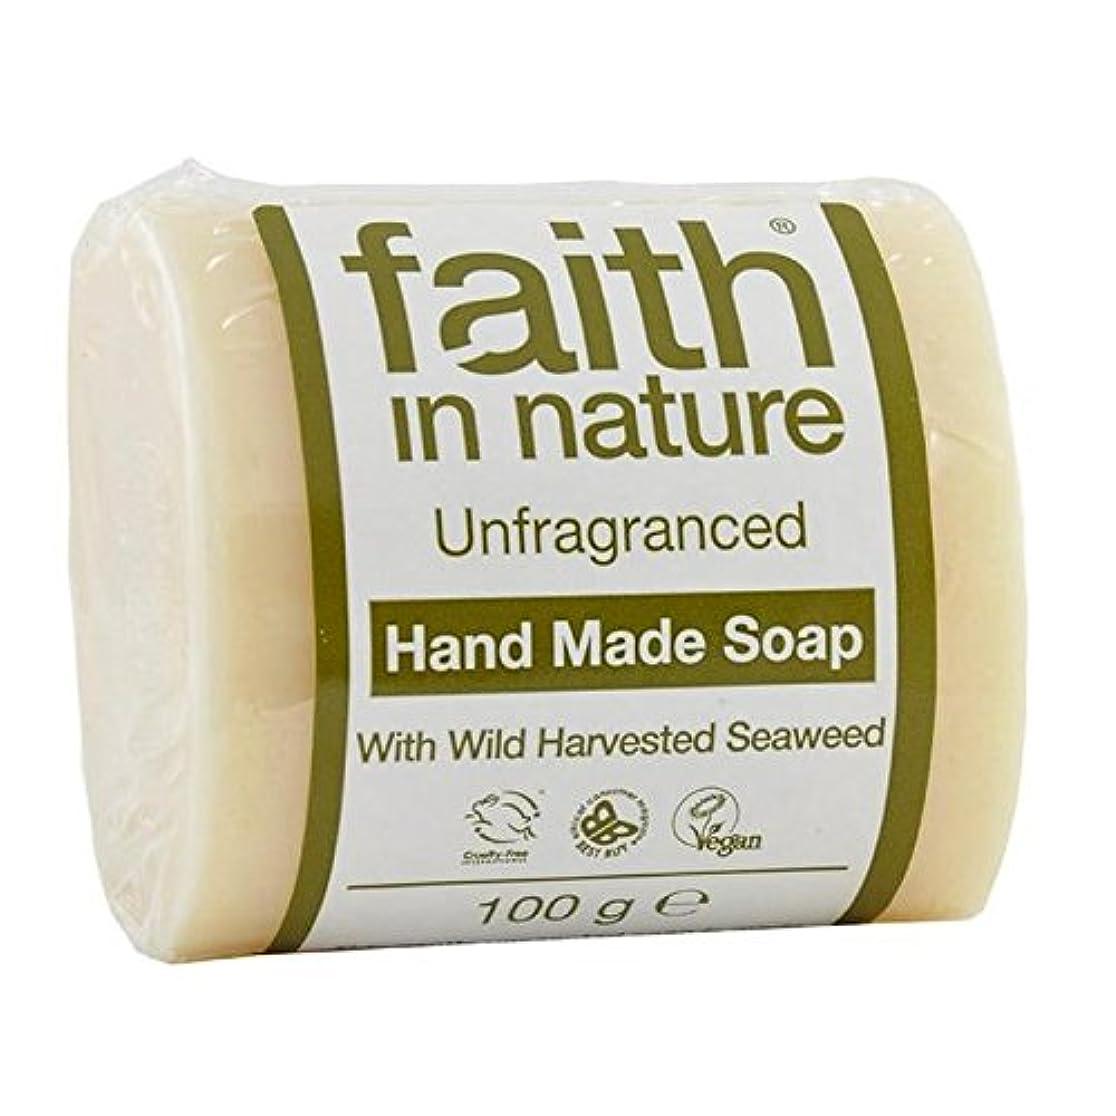 マルクス主義者収入失Faith in Nature Unfragranced Pure Hand Made Soap 100g (Pack of 4) - (Faith In Nature) 自然の中で信仰は純粋な手作り石鹸100グラムを無香料...